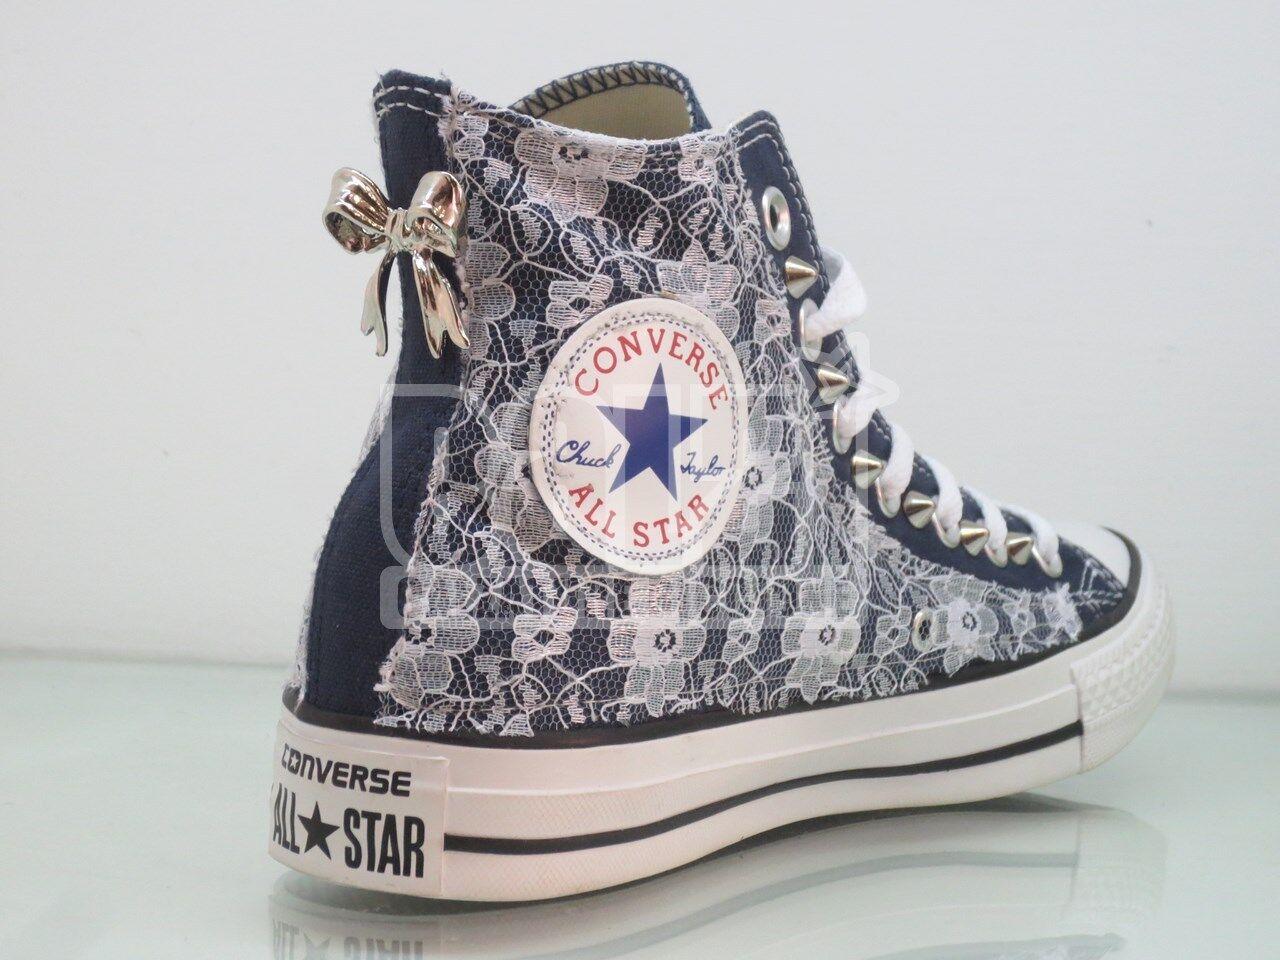 Converse Converse Converse all star pizzo borchie fiocco navy blu artigianali 6ca1cd